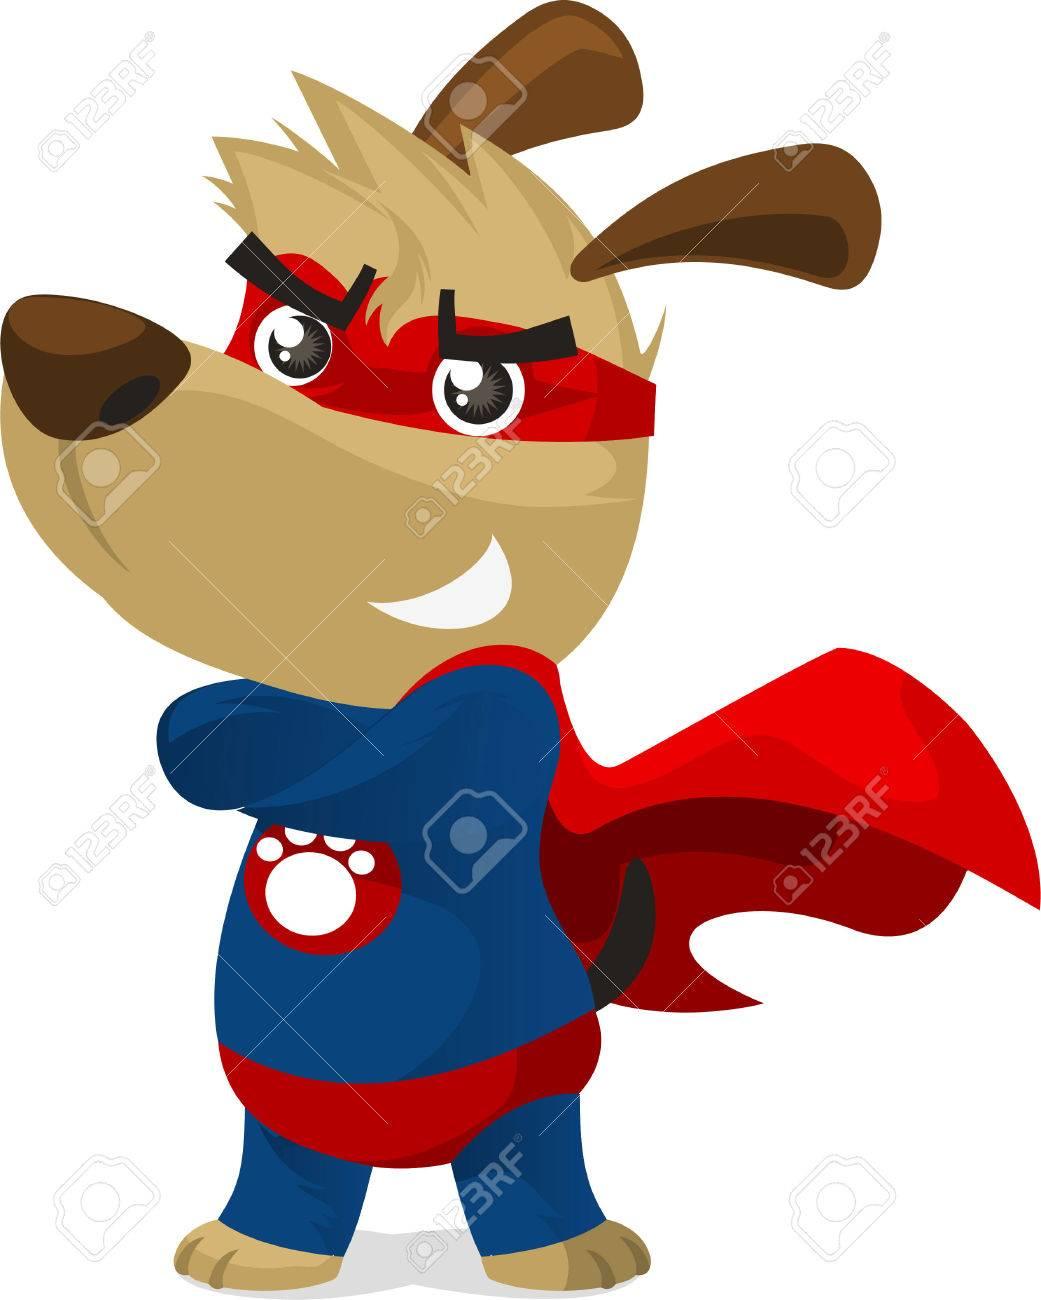 Chien Super Héros En Costume De Super Héros Avec Des Pouvoirs Pow